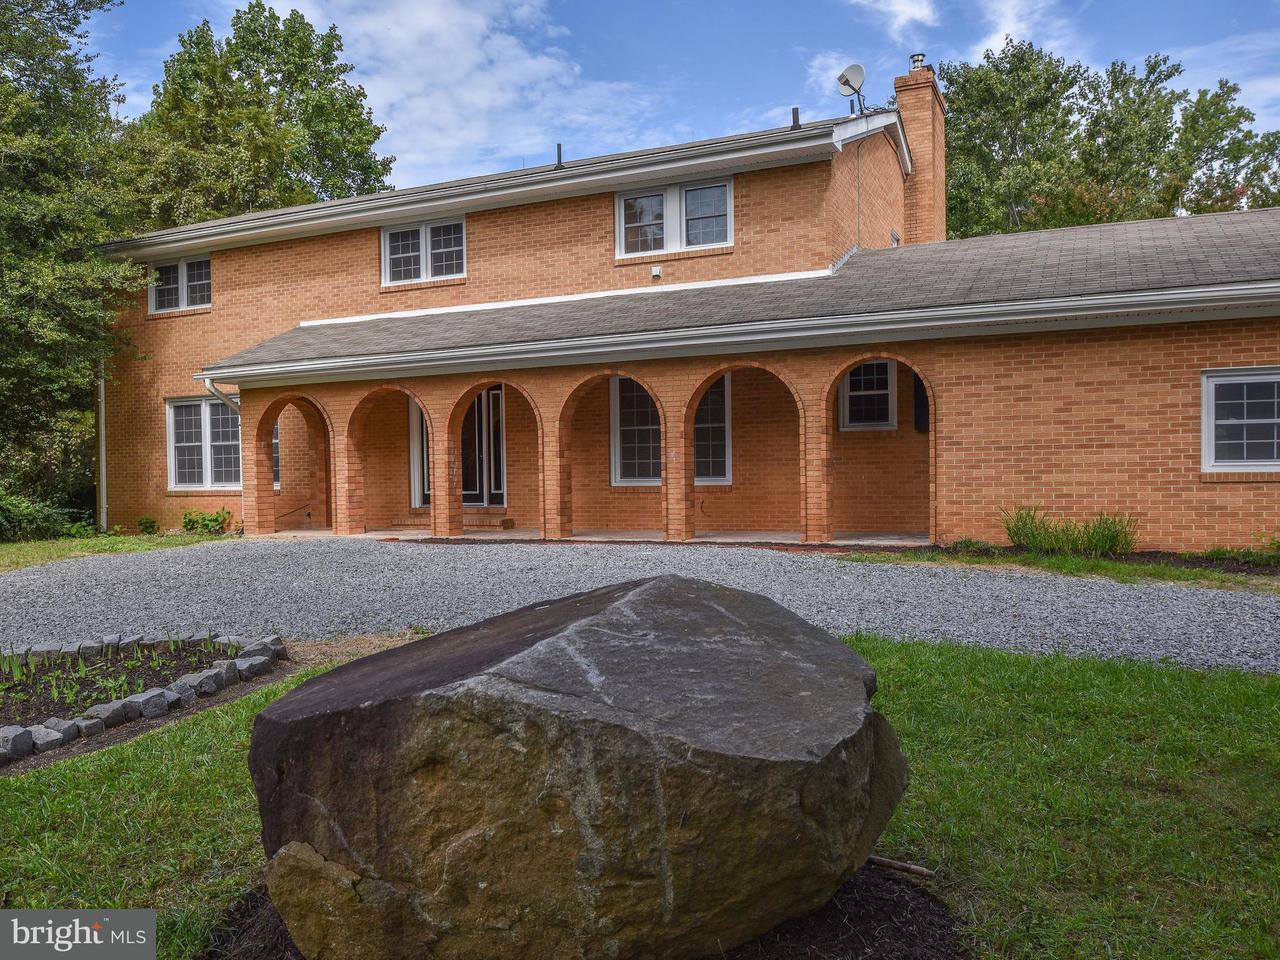 Casa Unifamiliar por un Venta en 2448 MOUNTAIN VIEW Road 2448 MOUNTAIN VIEW Road Stafford, Virginia 22556 Estados Unidos